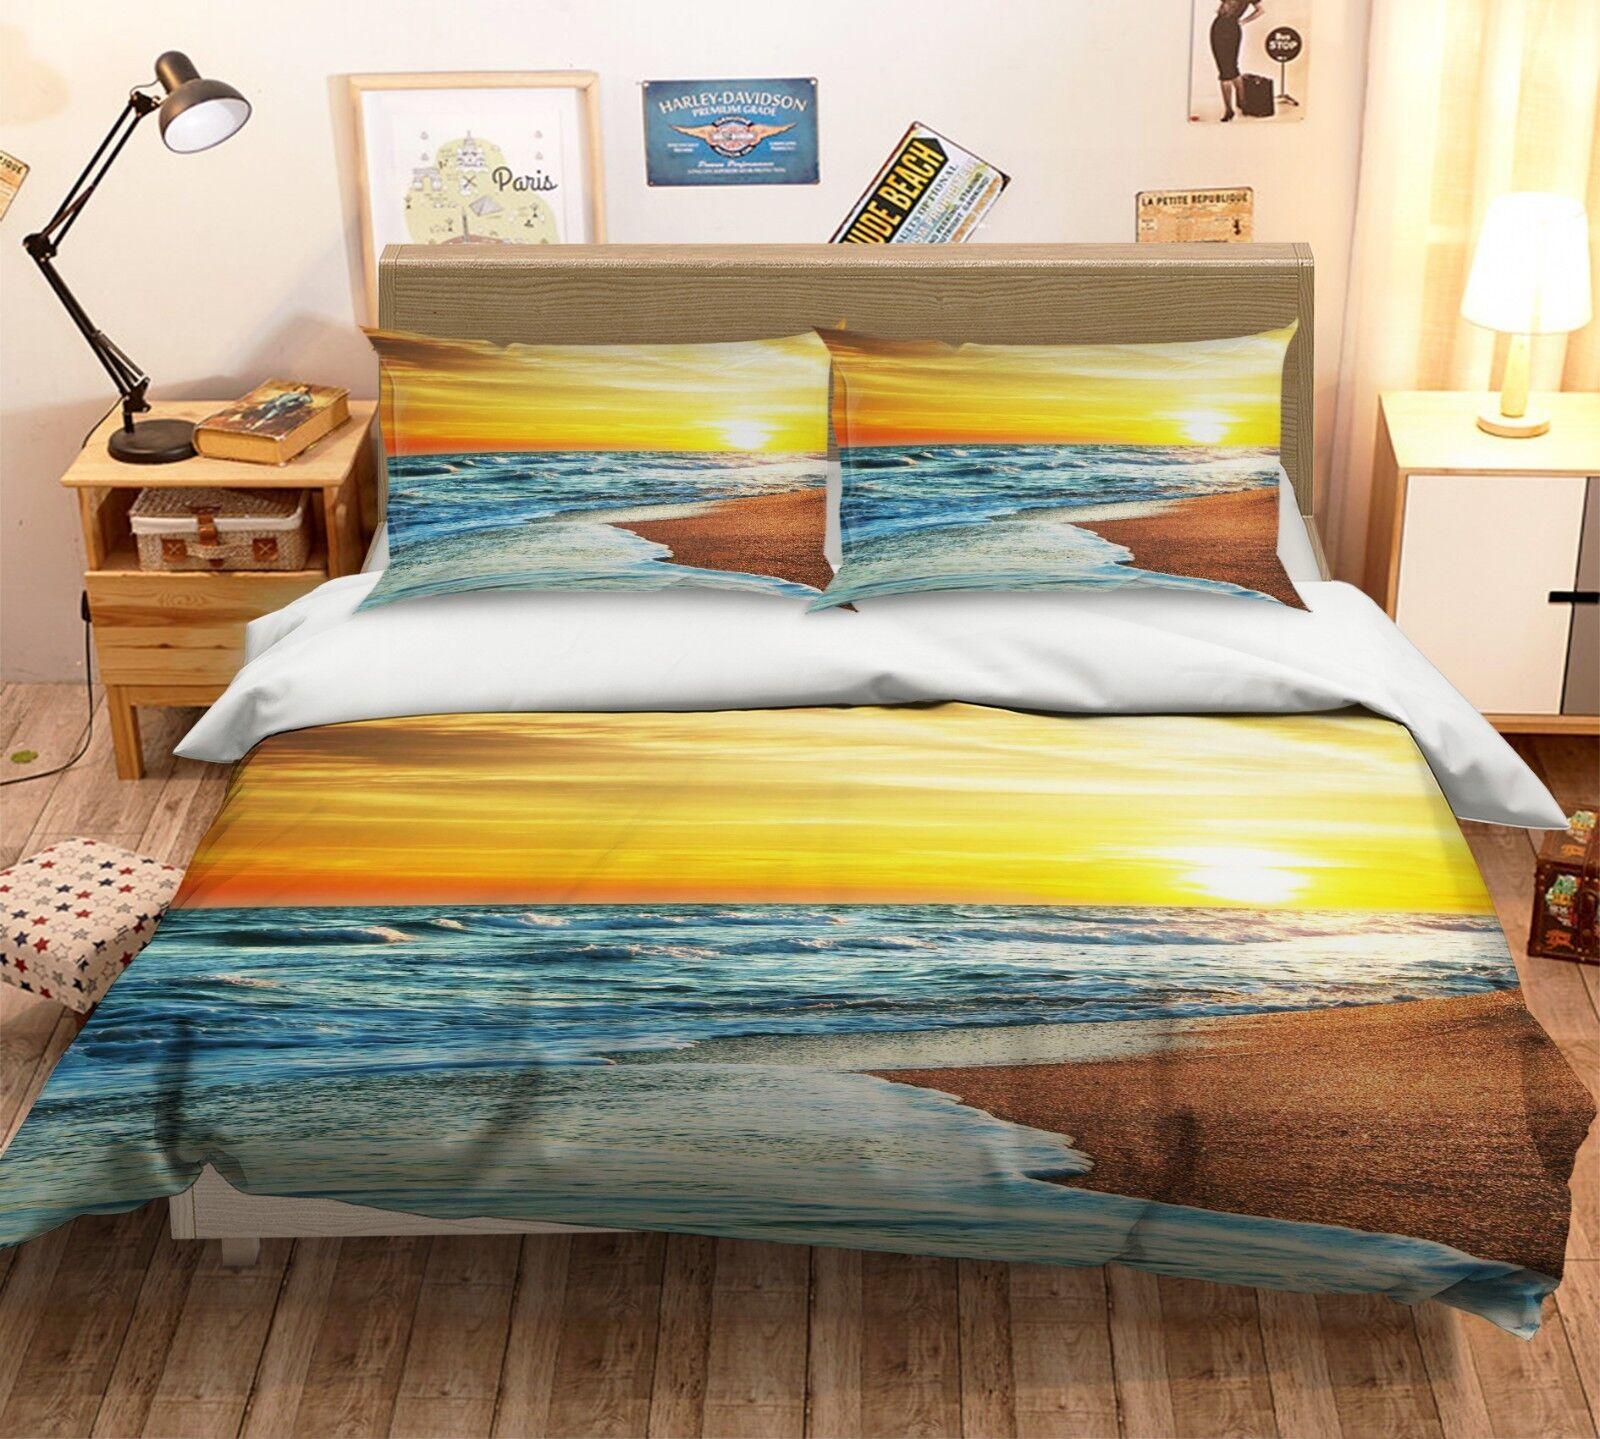 3d alba sulla spiaggia 5 LETTO FEDERE steppe duvet set soffitto single